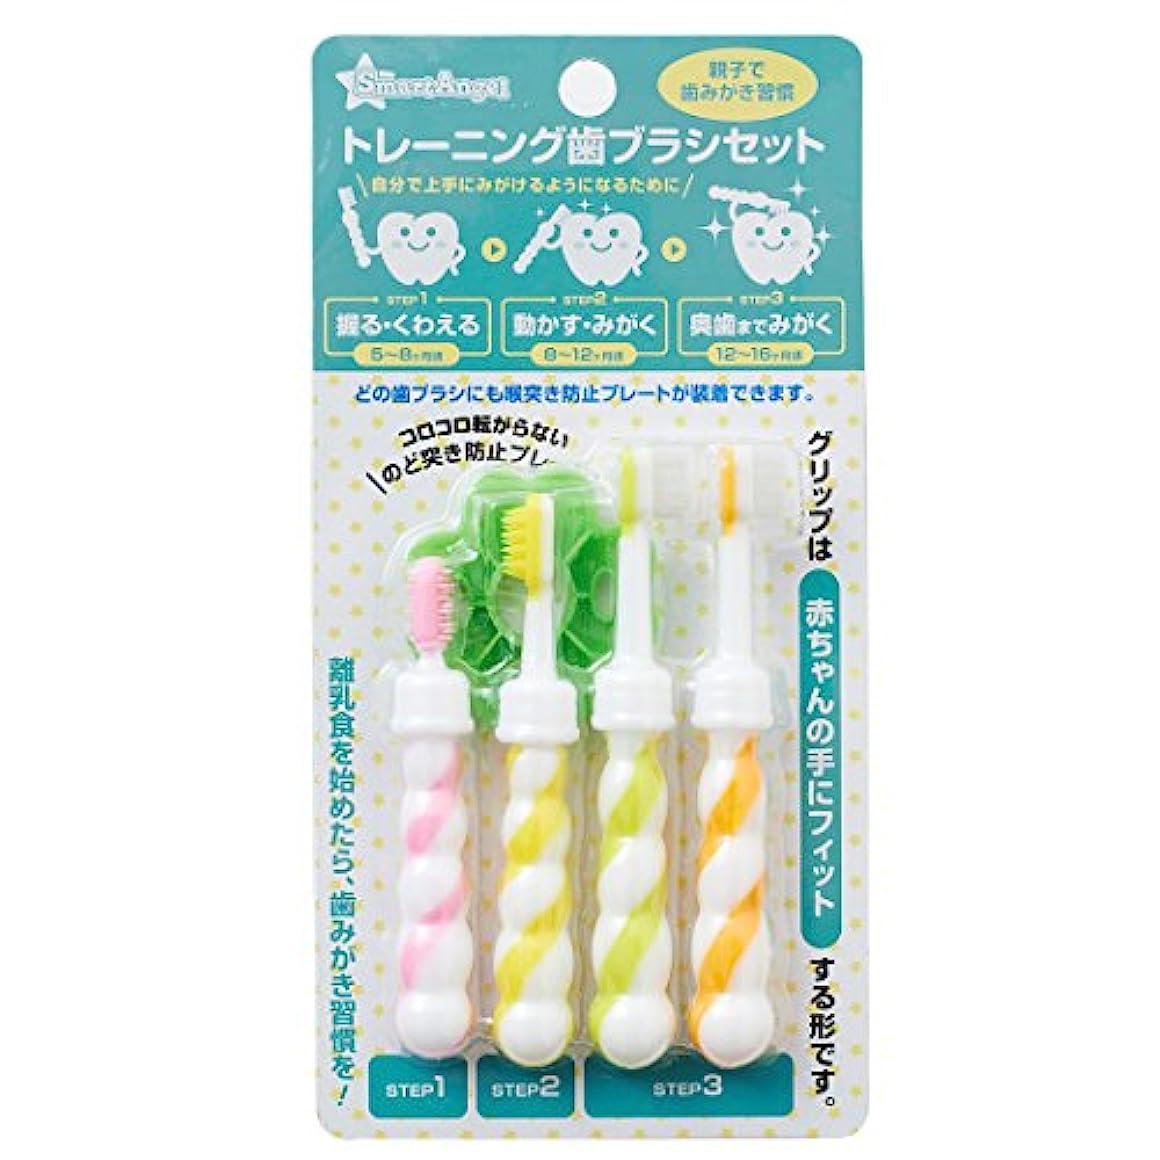 西松屋 [SmartAngel] トレーニング歯ブラシ4本セット